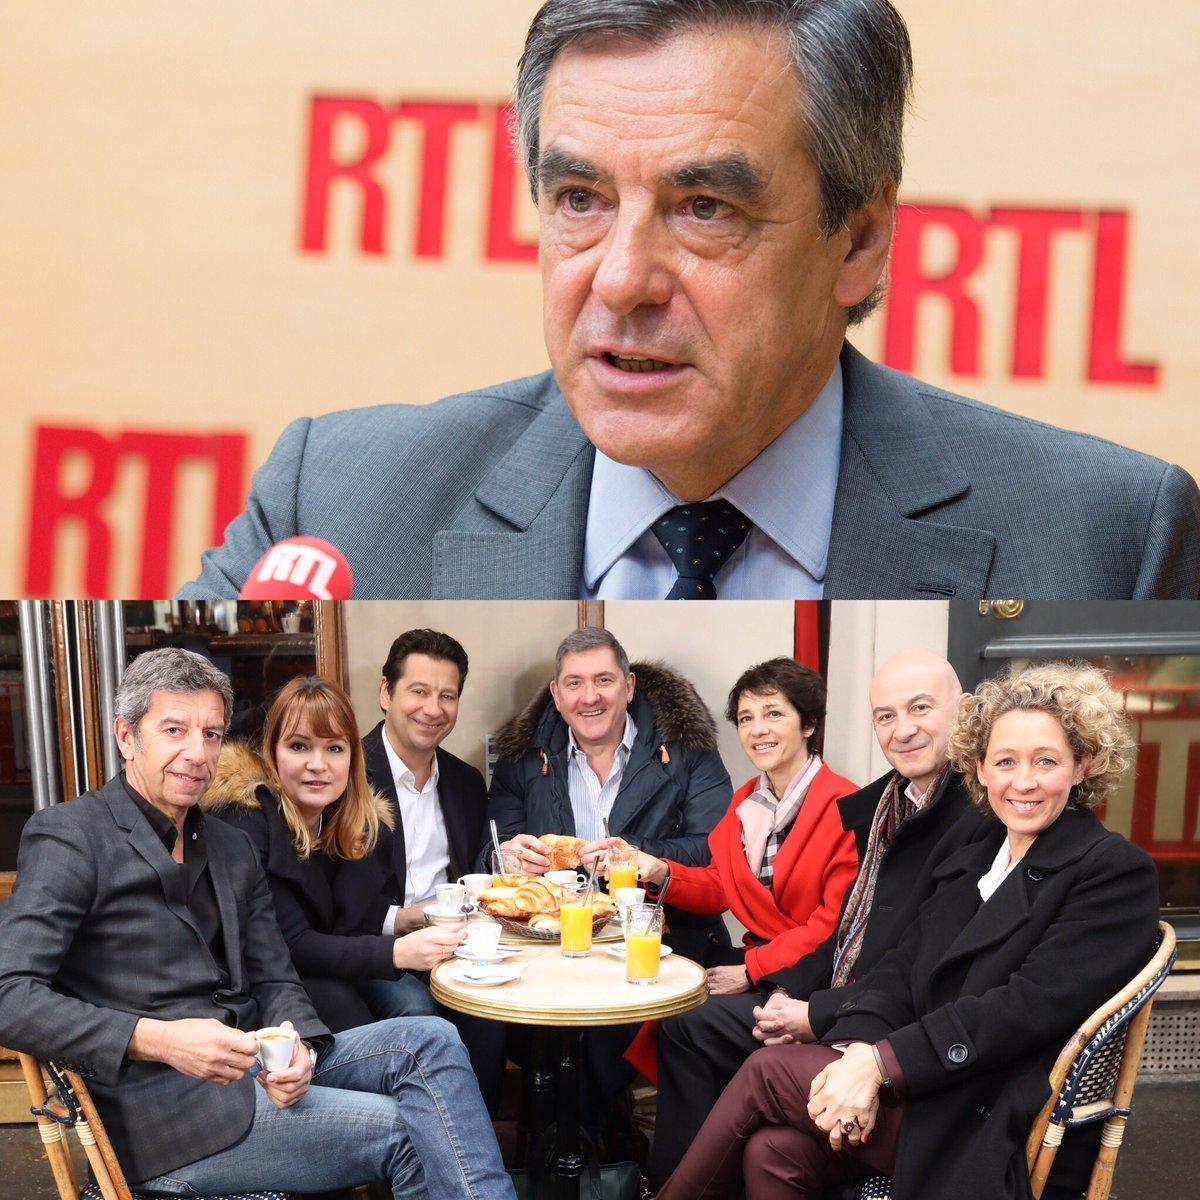 Demain jeudi @FrancoisFillon sera l'invité des petits déjeuners de la Présidentielle dans #RTLMatin entre 7h et 9h !